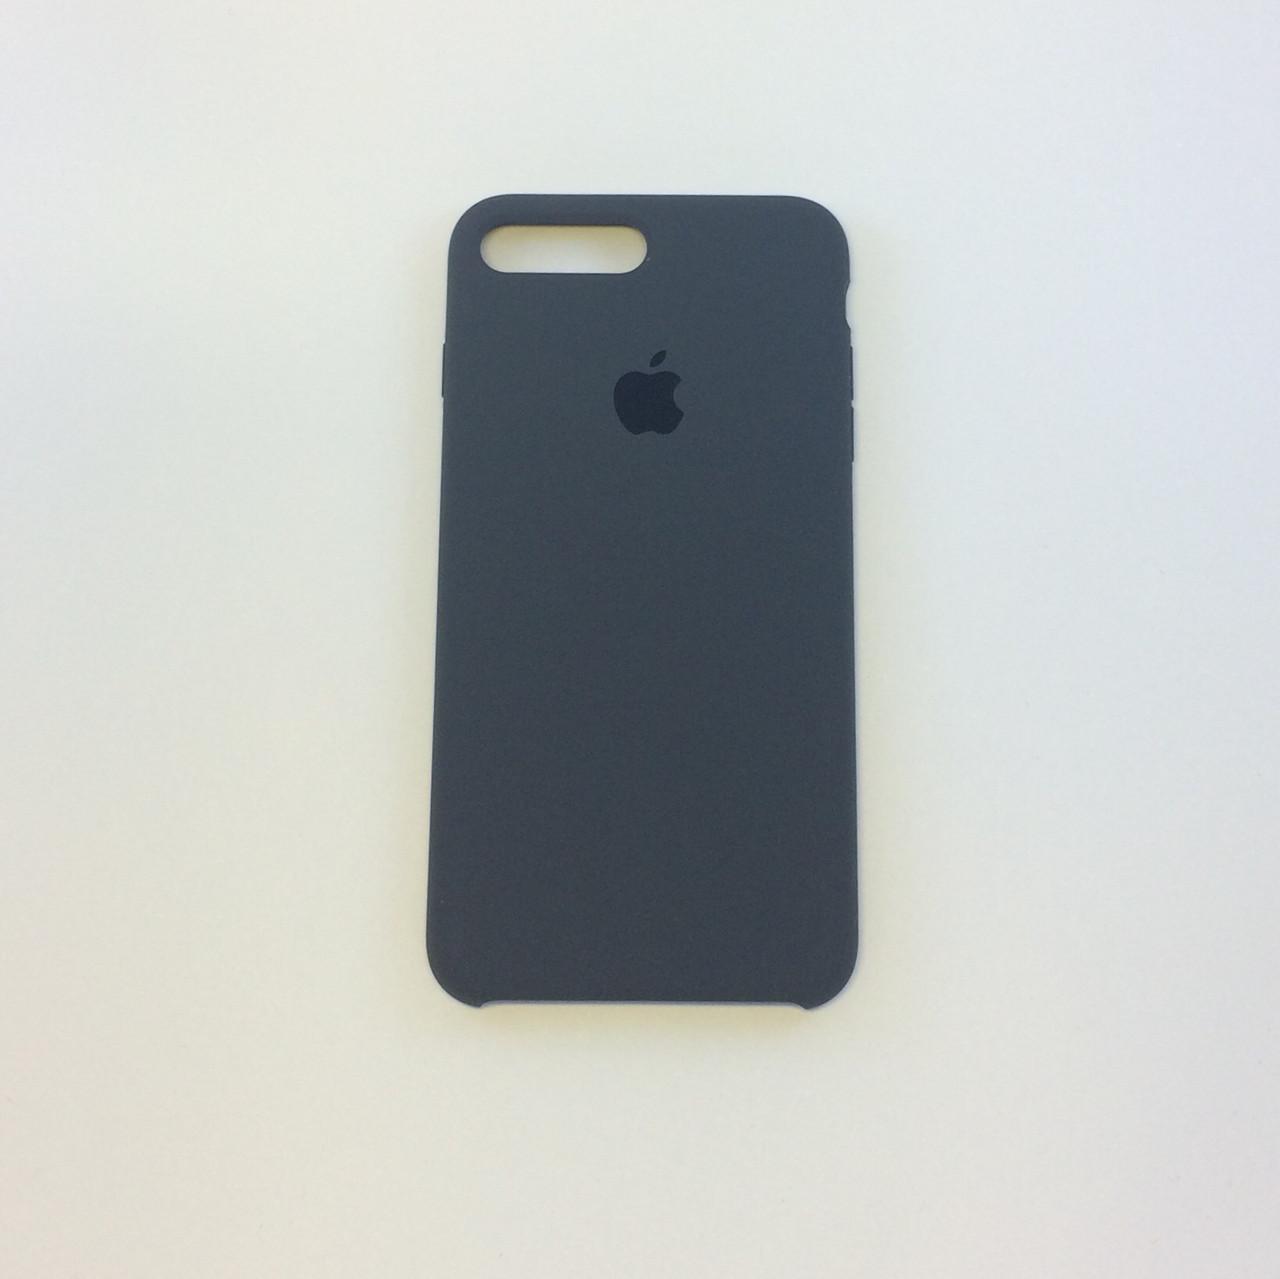 Силиконовый чехол iPhone 8, мокрая галька, copy original